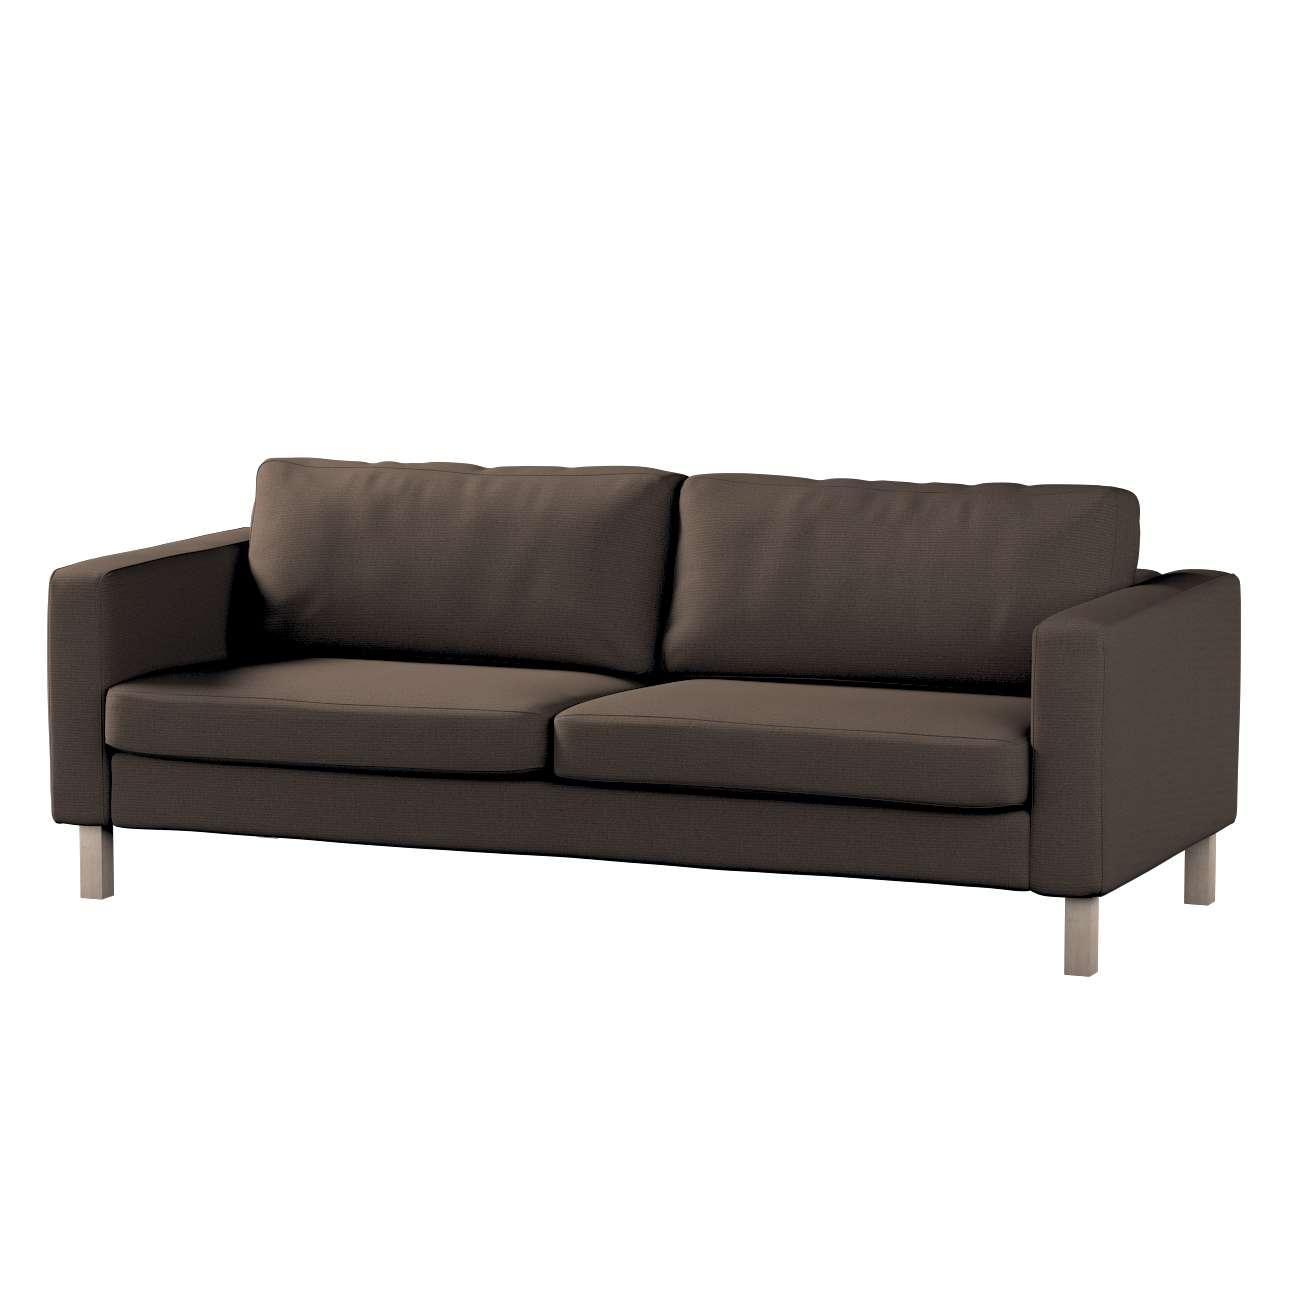 Pokrowiec na sofę Karlstad 3-osobową nierozkładaną, krótki Sofa Karlstad 3-osobowa w kolekcji Etna , tkanina: 705-08